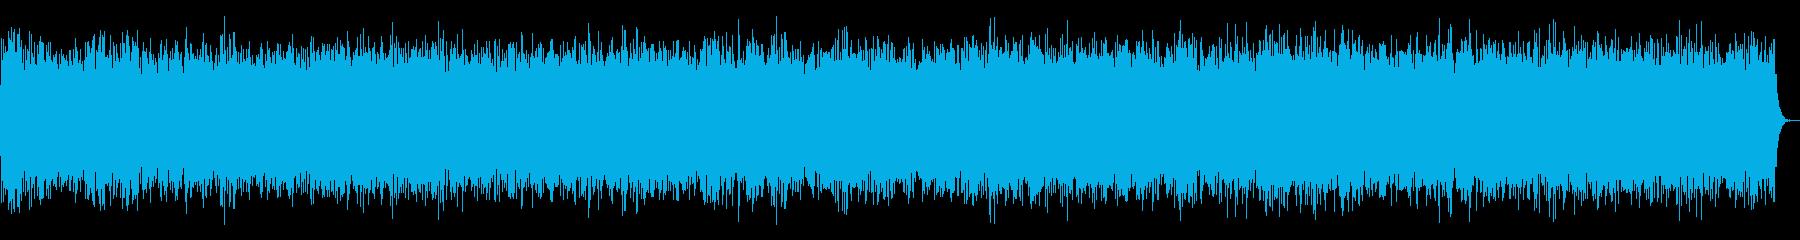 【ザー】無線やラジオのノイズ音の再生済みの波形